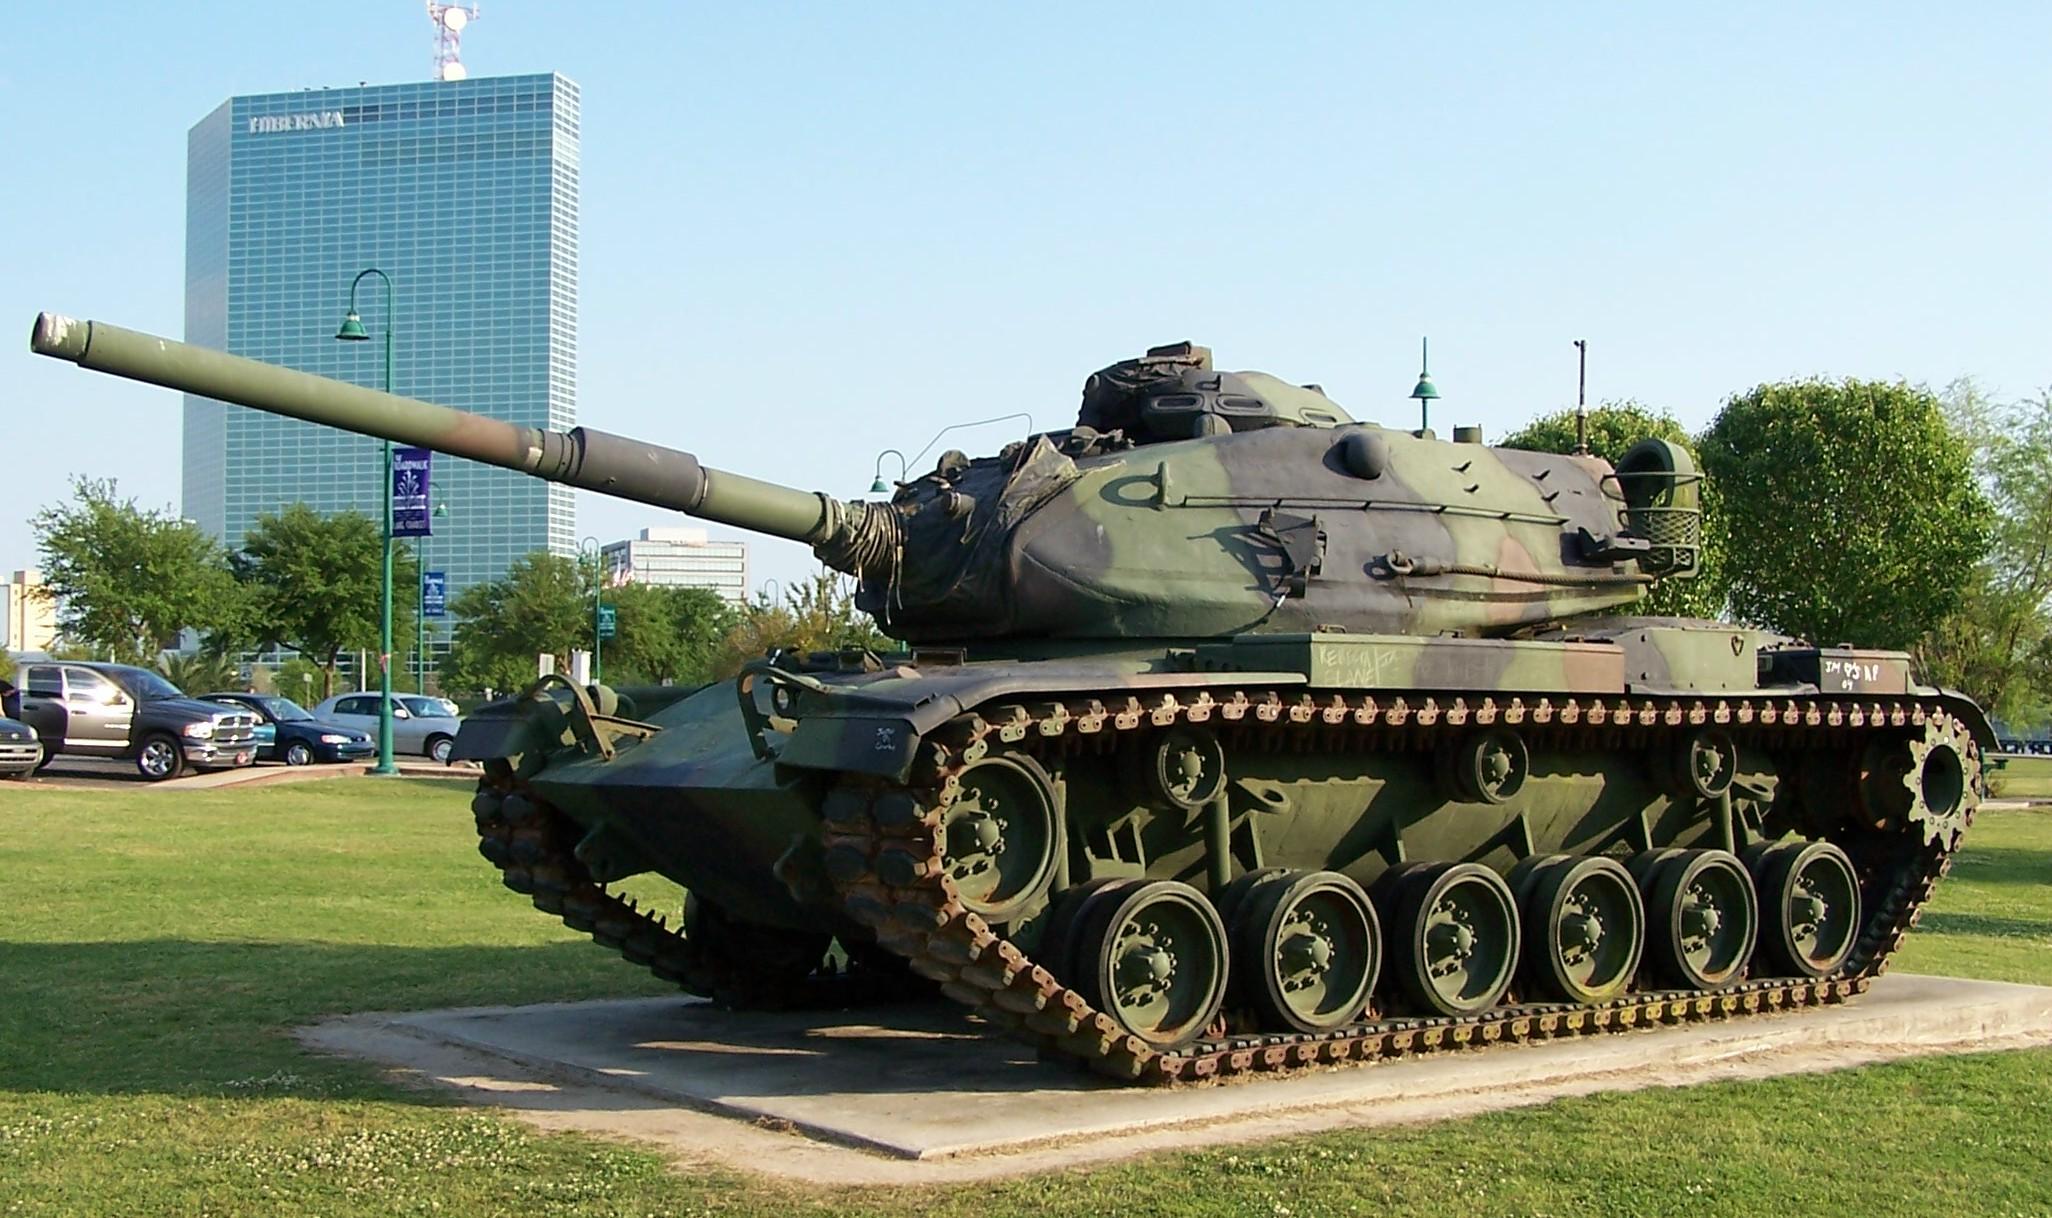 Slikovit rečnik - azbuka - Page 5 American_M60A3_tank_Lake_Charles,_Louisiana_April_2005